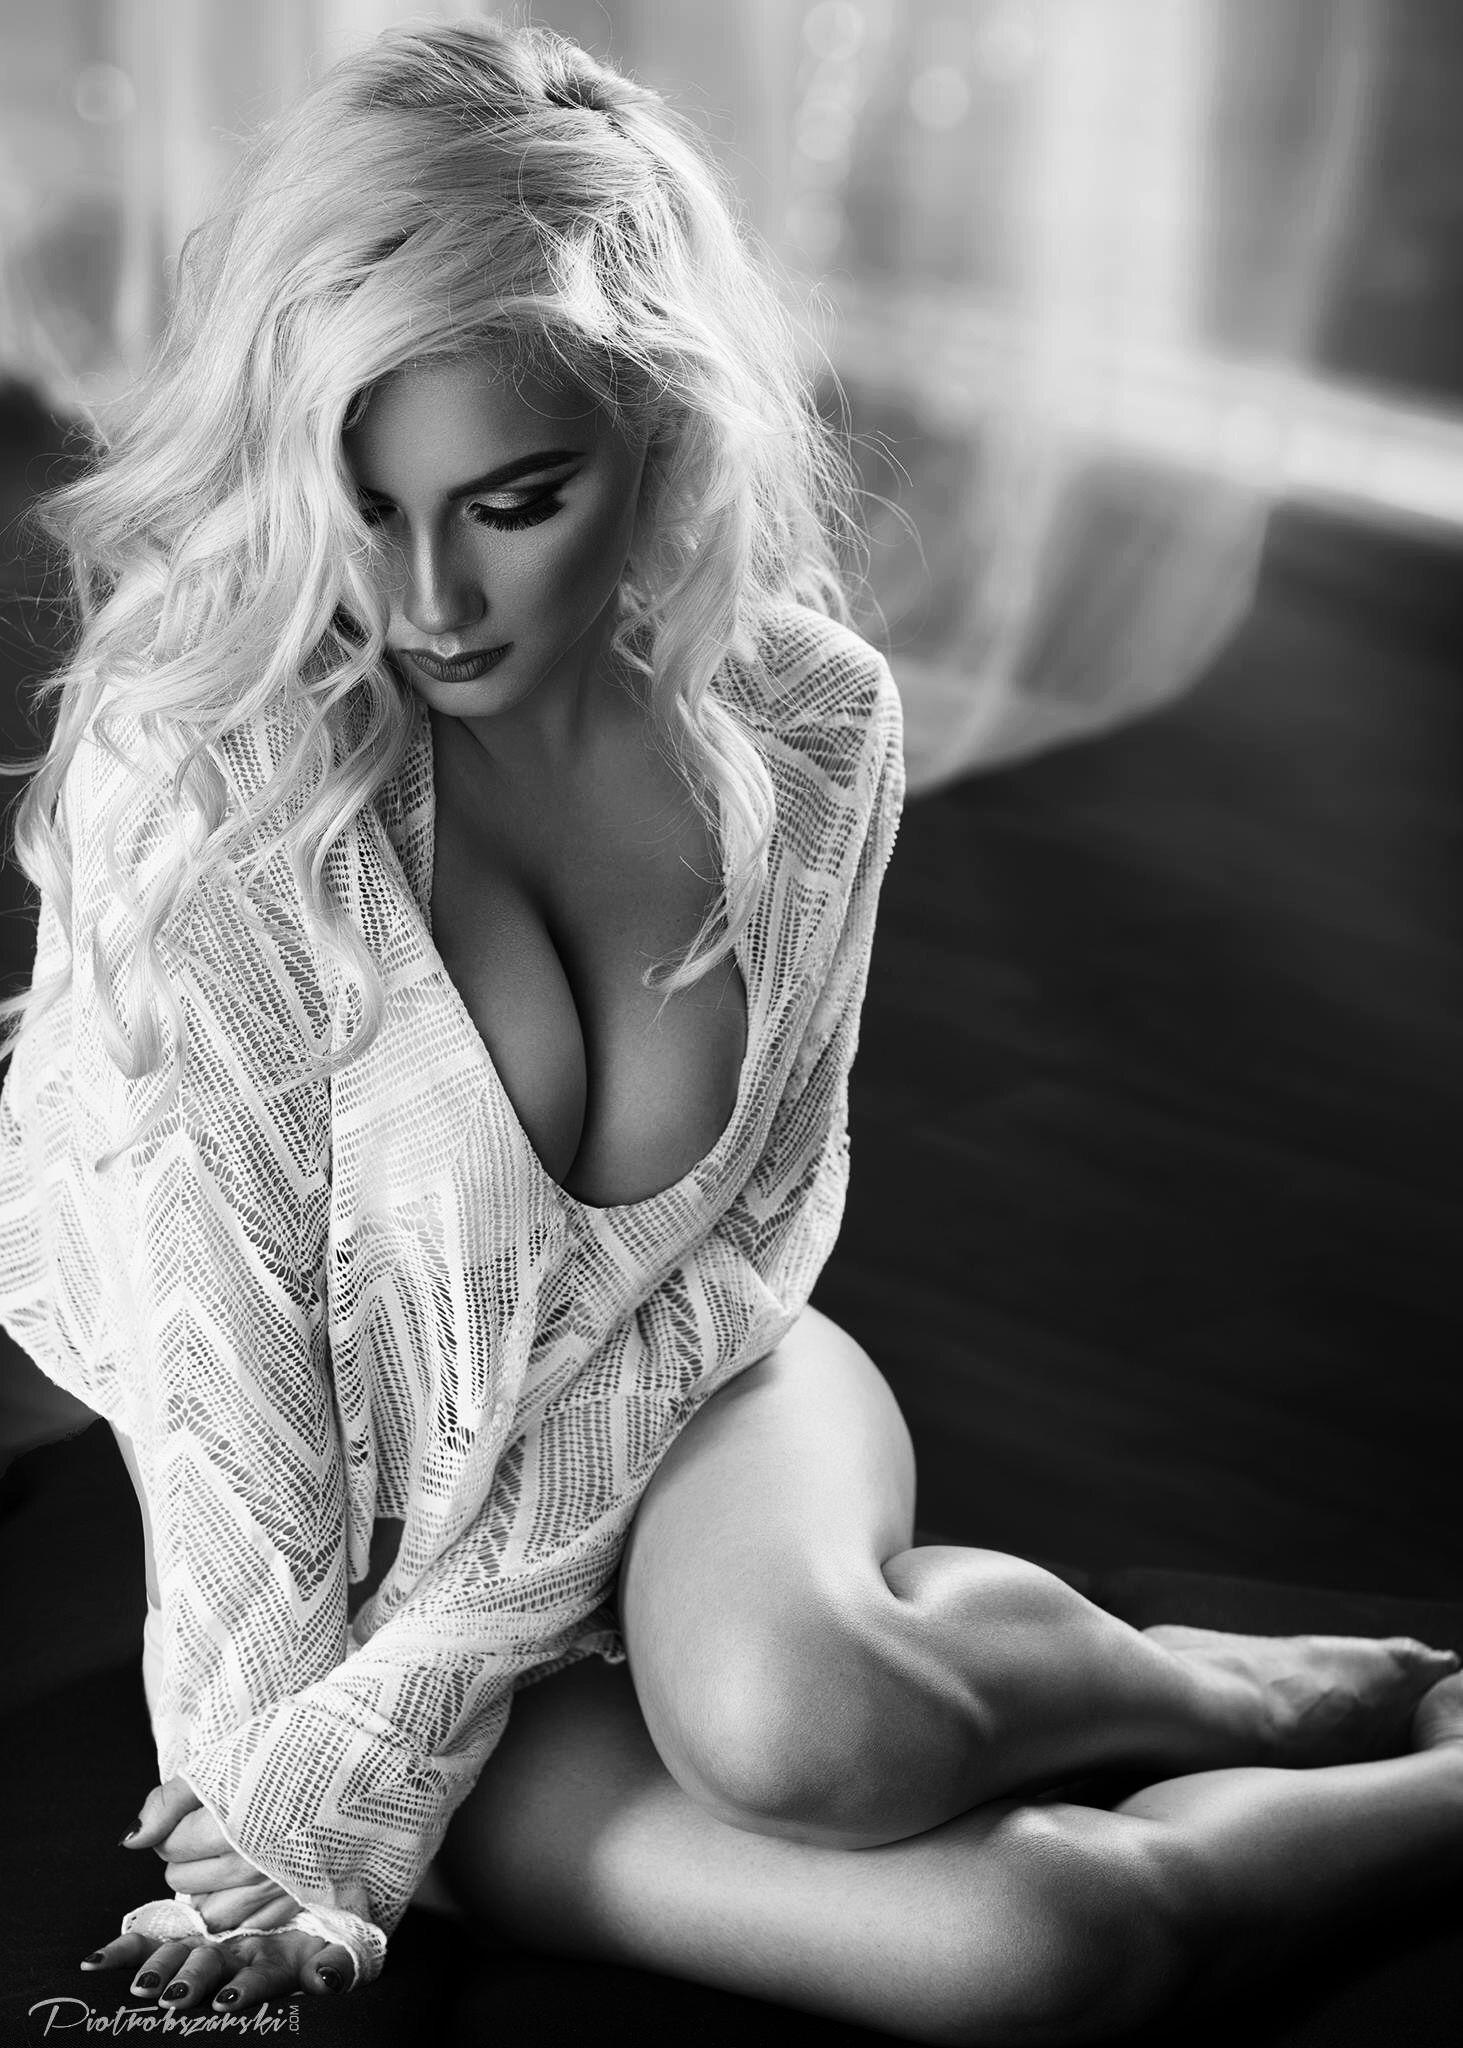 Шикарные телочки на черно белом фото, русское порно обнаженные телки